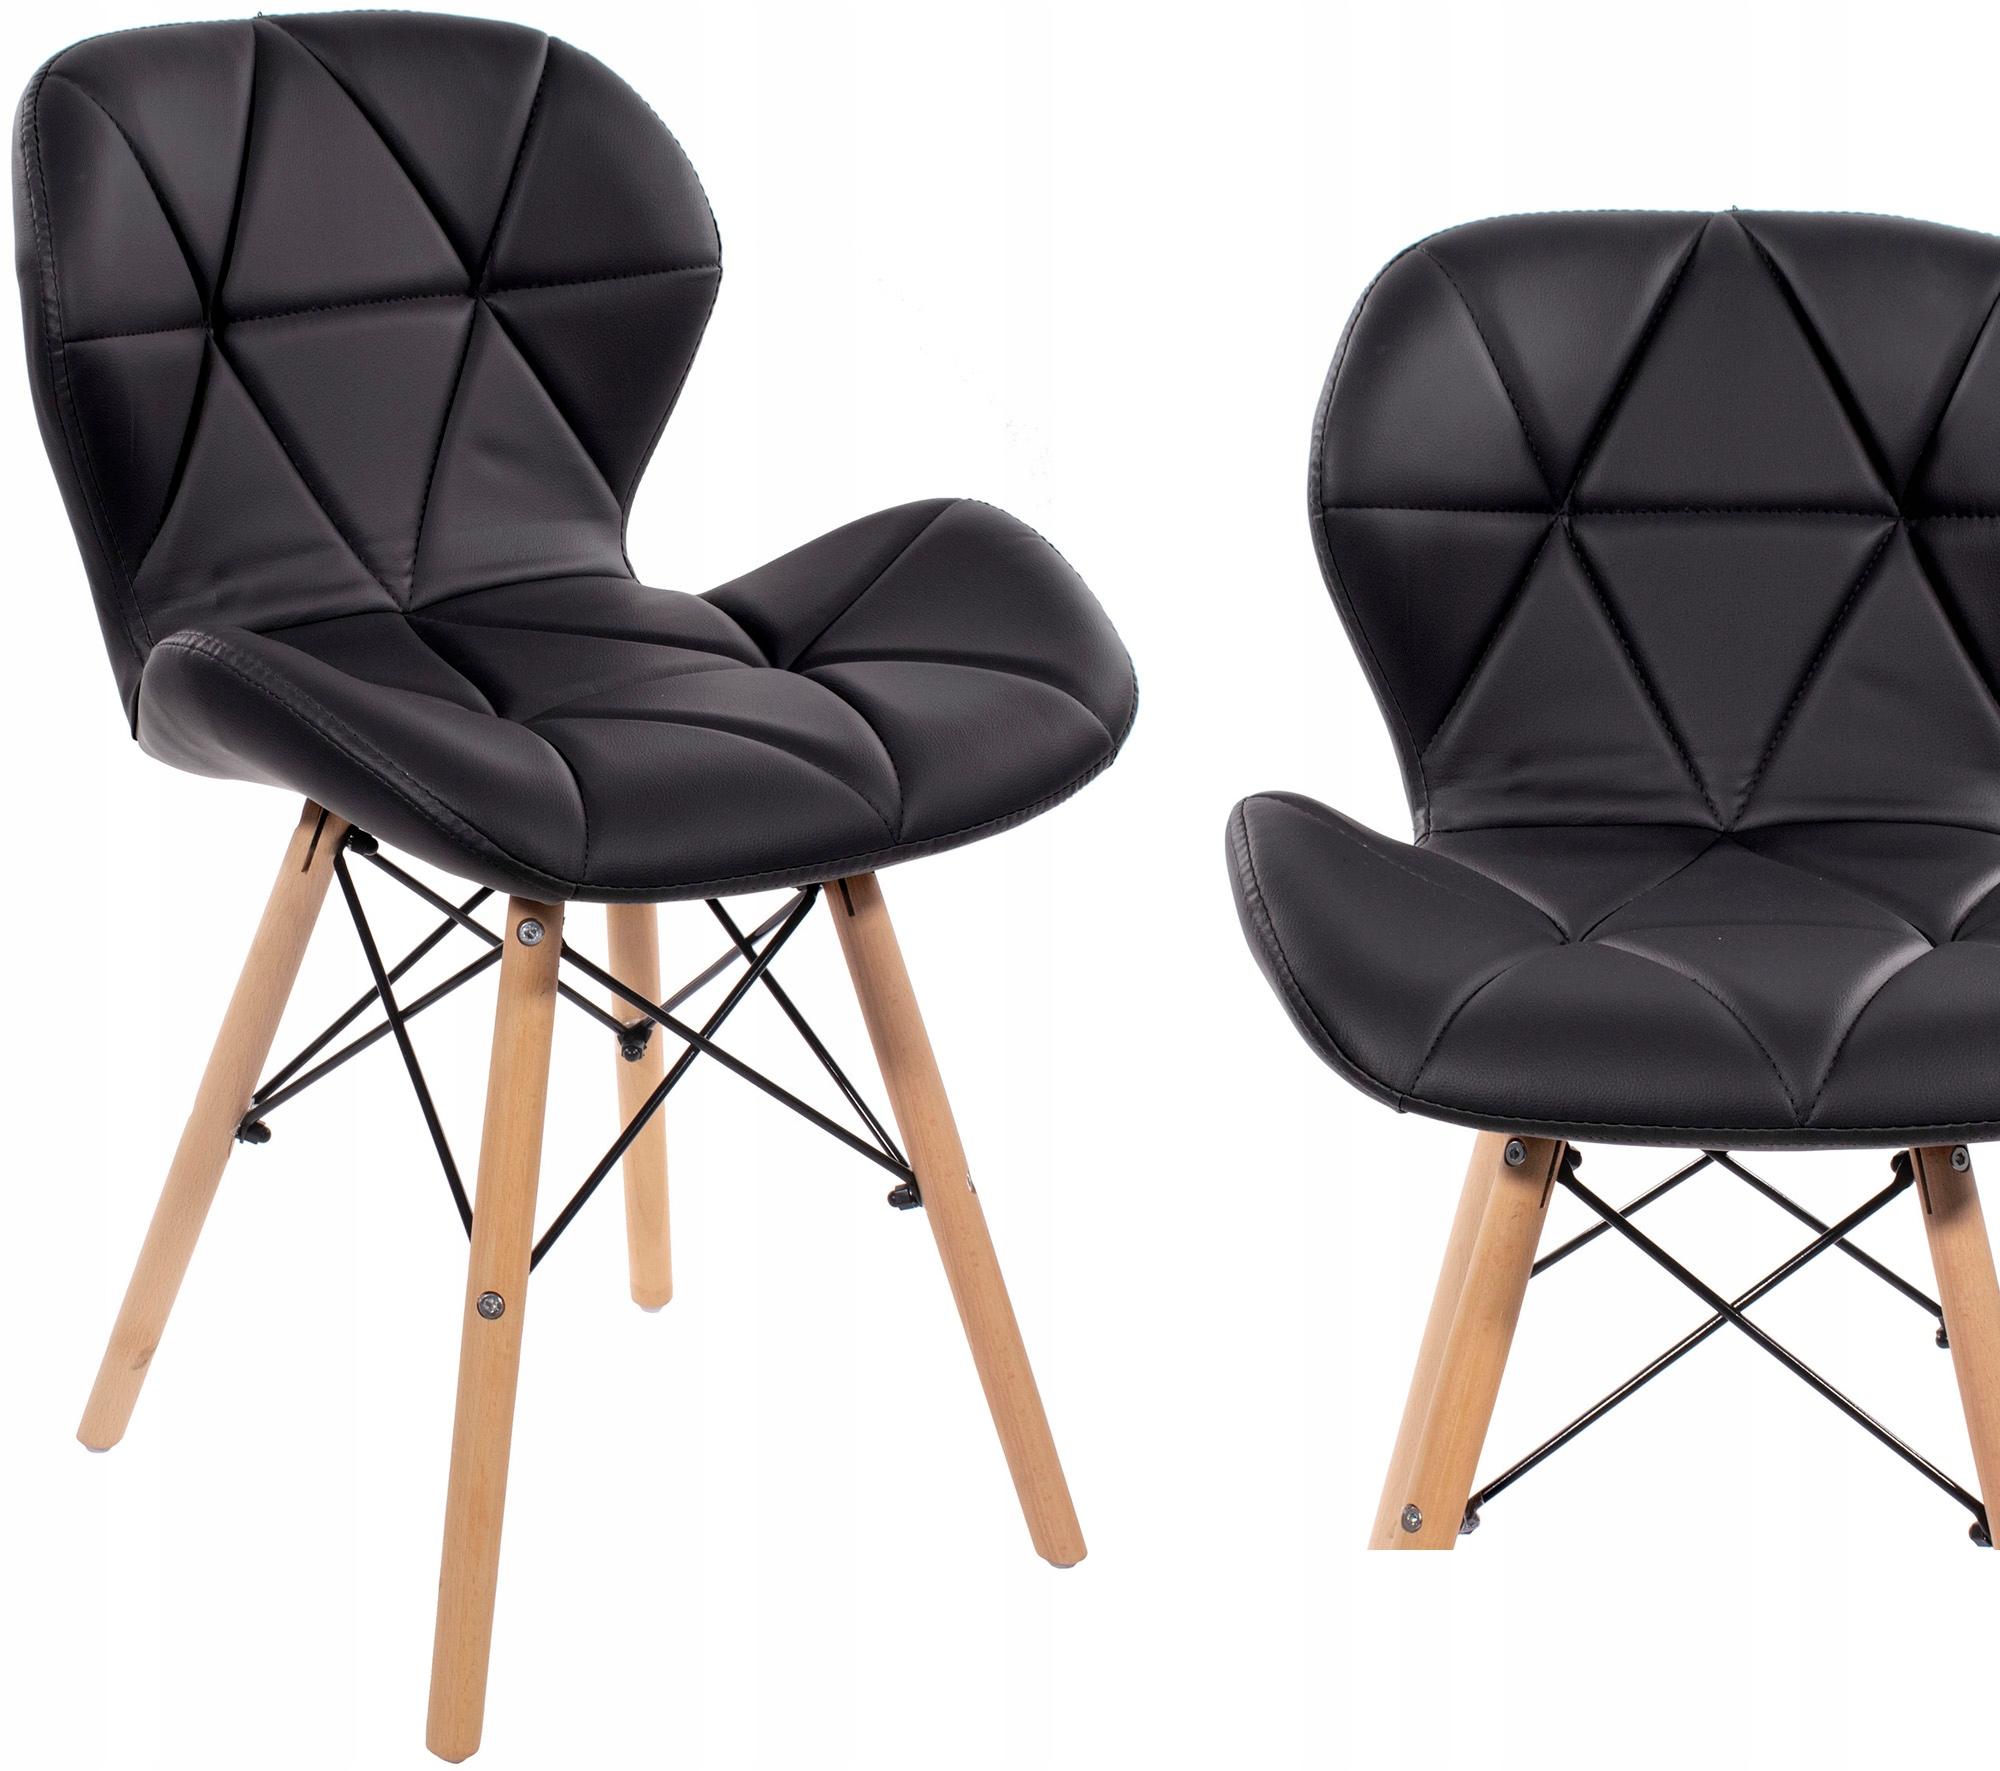 Скандинавское кресло из экокожи с обивкой